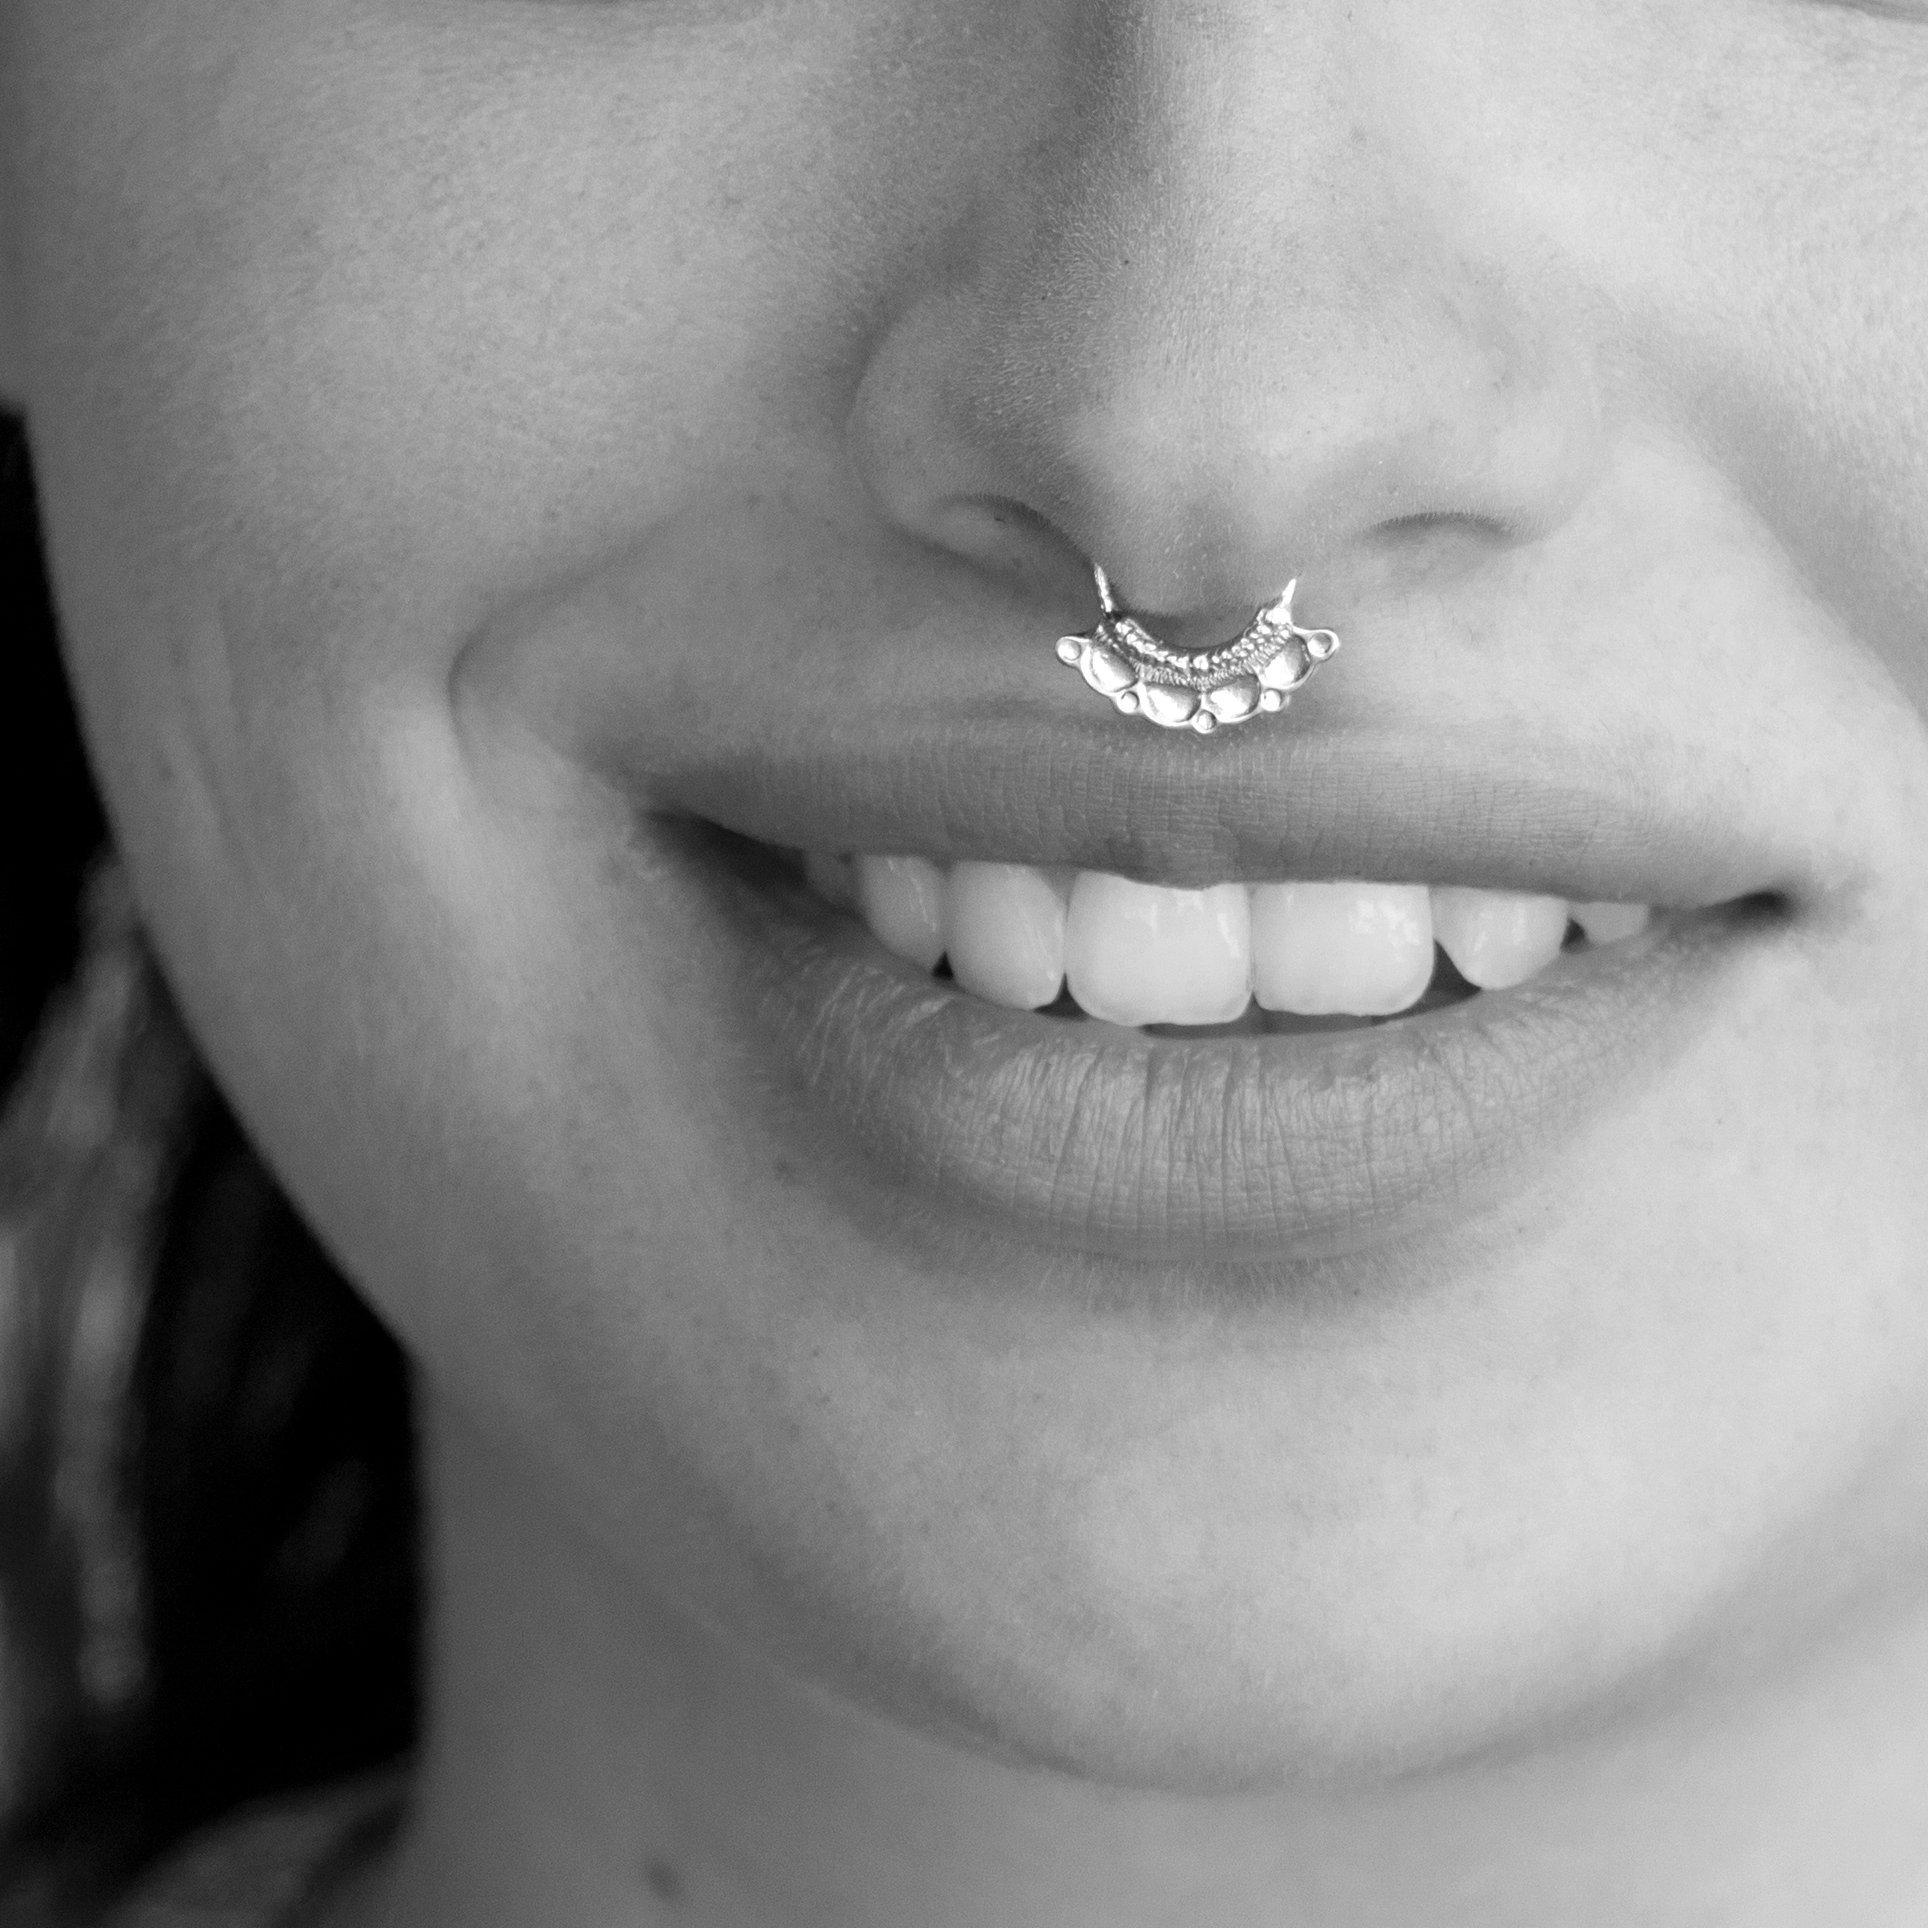 Septum Ring, Tribal 925 Sterling Silver Hoop Septum, Indian Nose Piercing Jewelry, Handmade Piercing Jewelry, 19g, Handmade Designer Jewelry